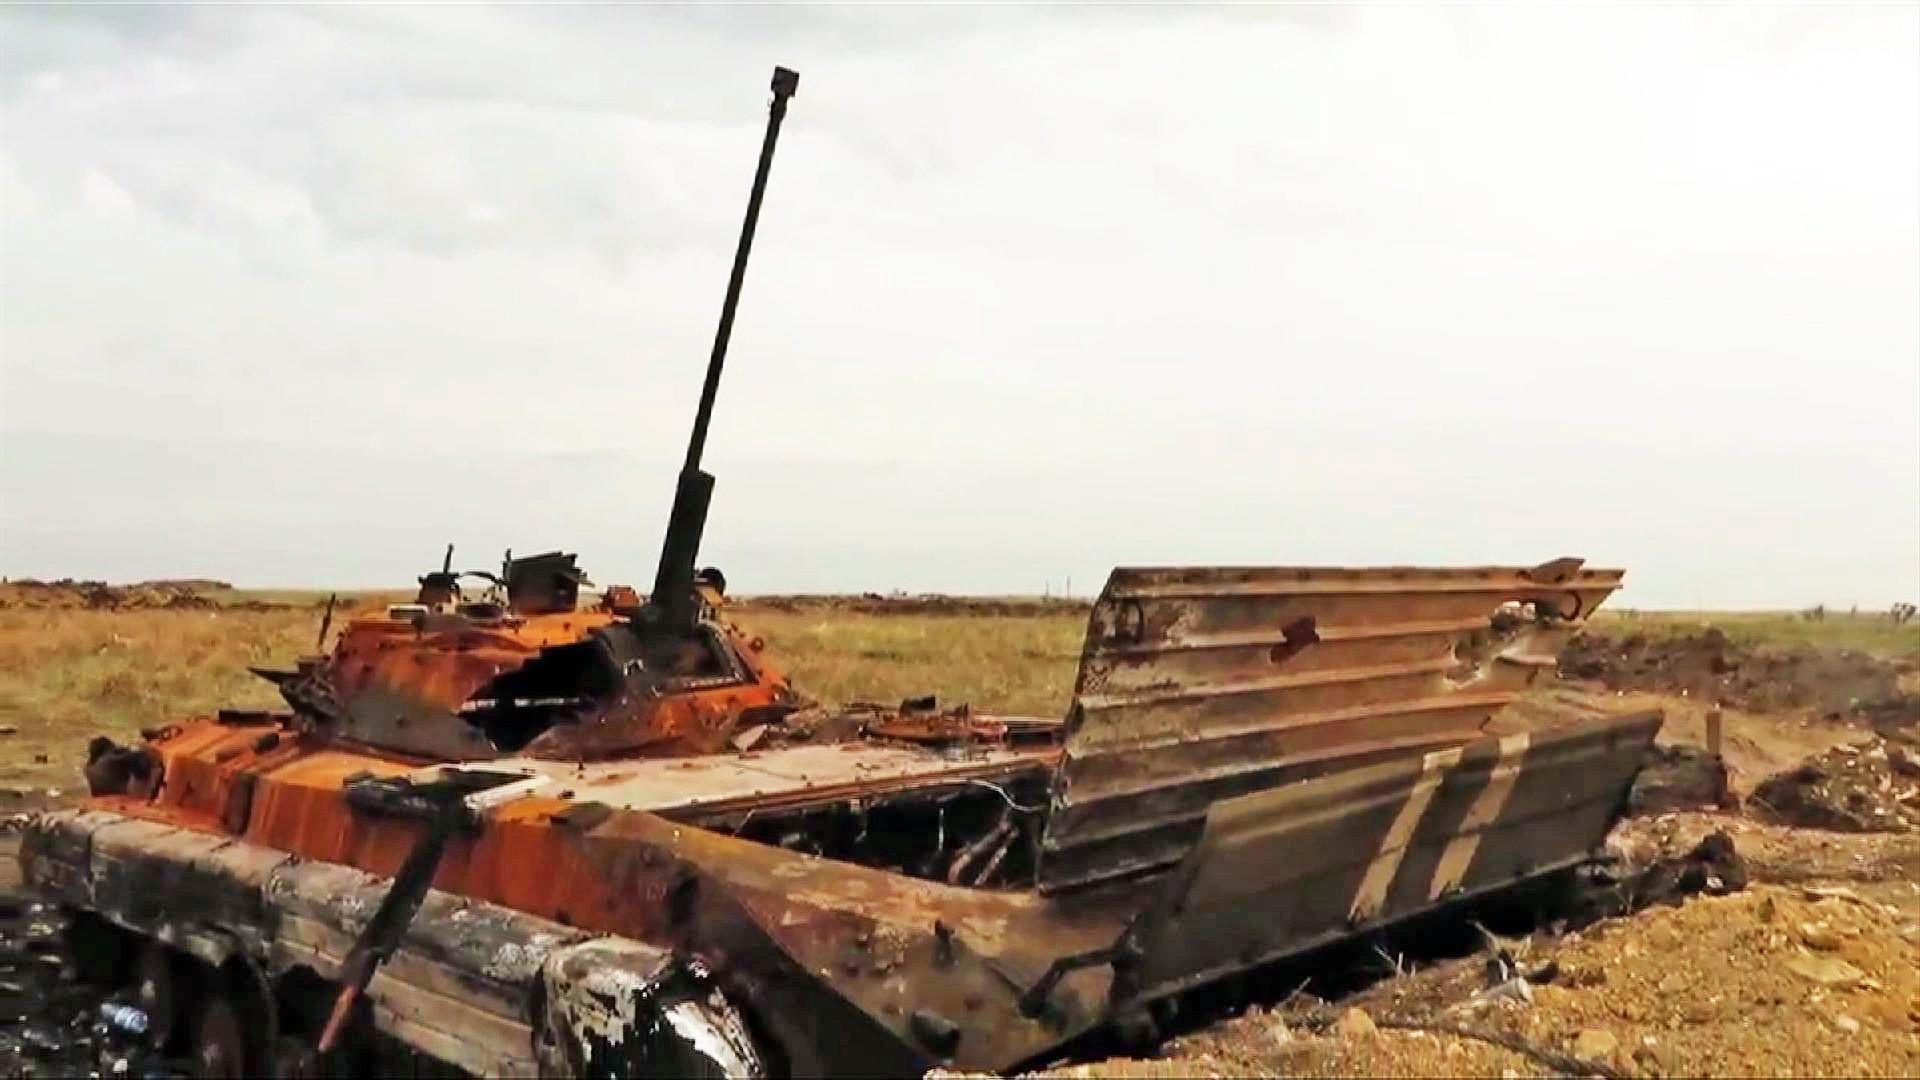 Сгоревший БМП украинской армии